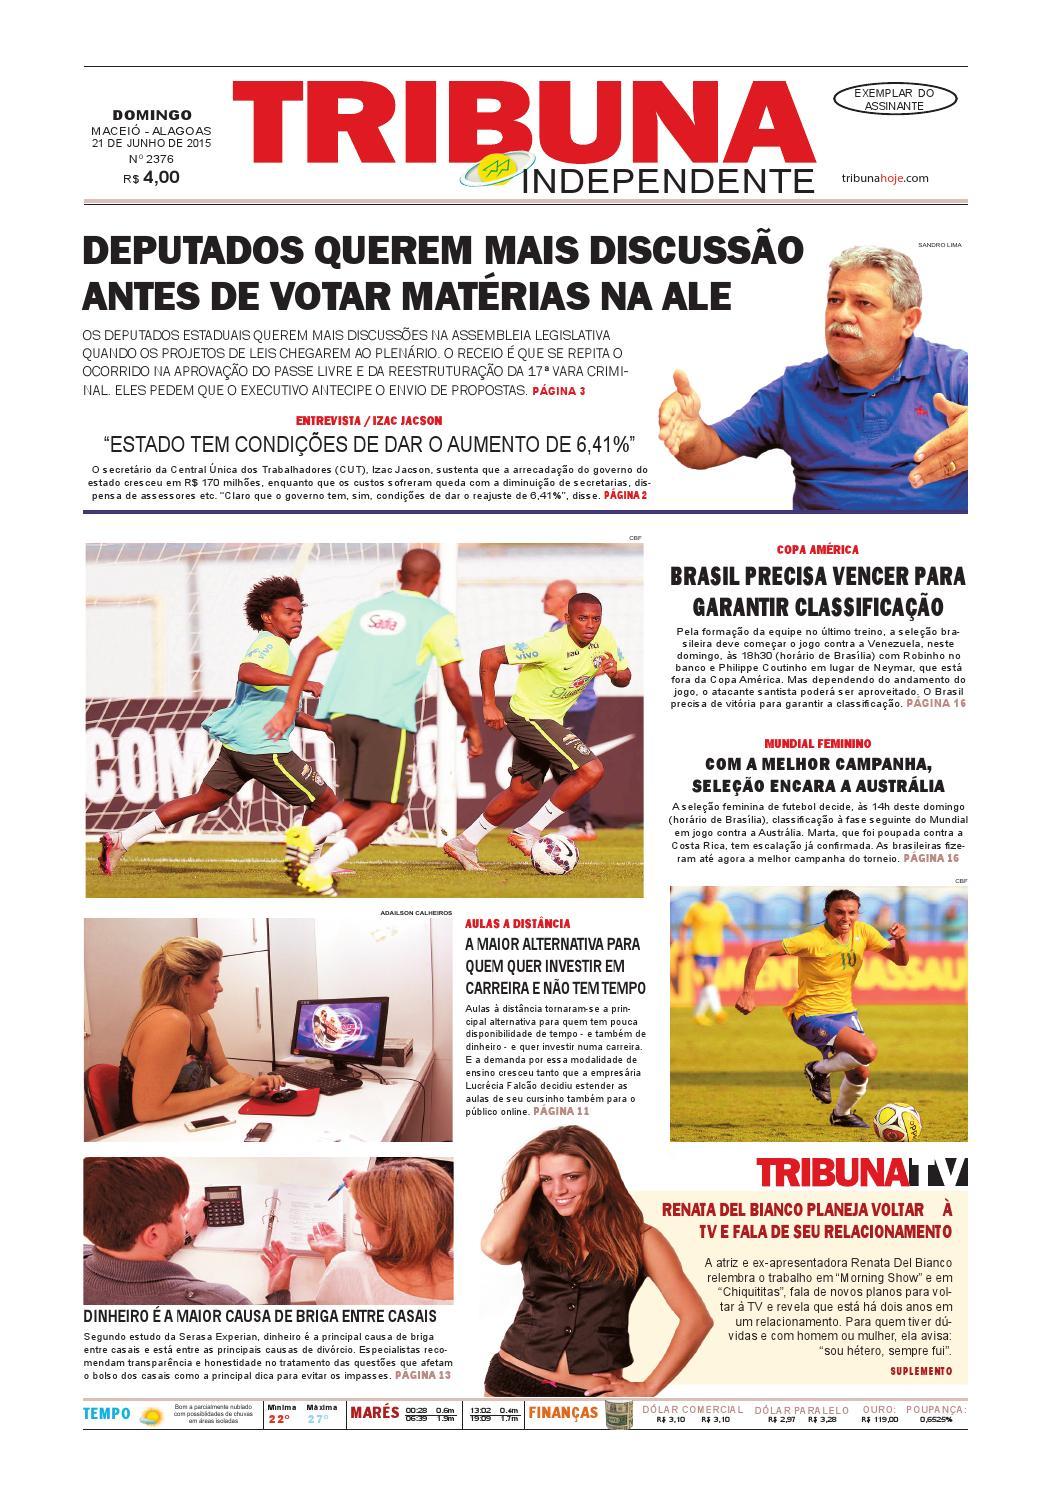 51b6549d251 Edição número 2376 - 21 de junho de 2015 by Tribuna Hoje - issuu